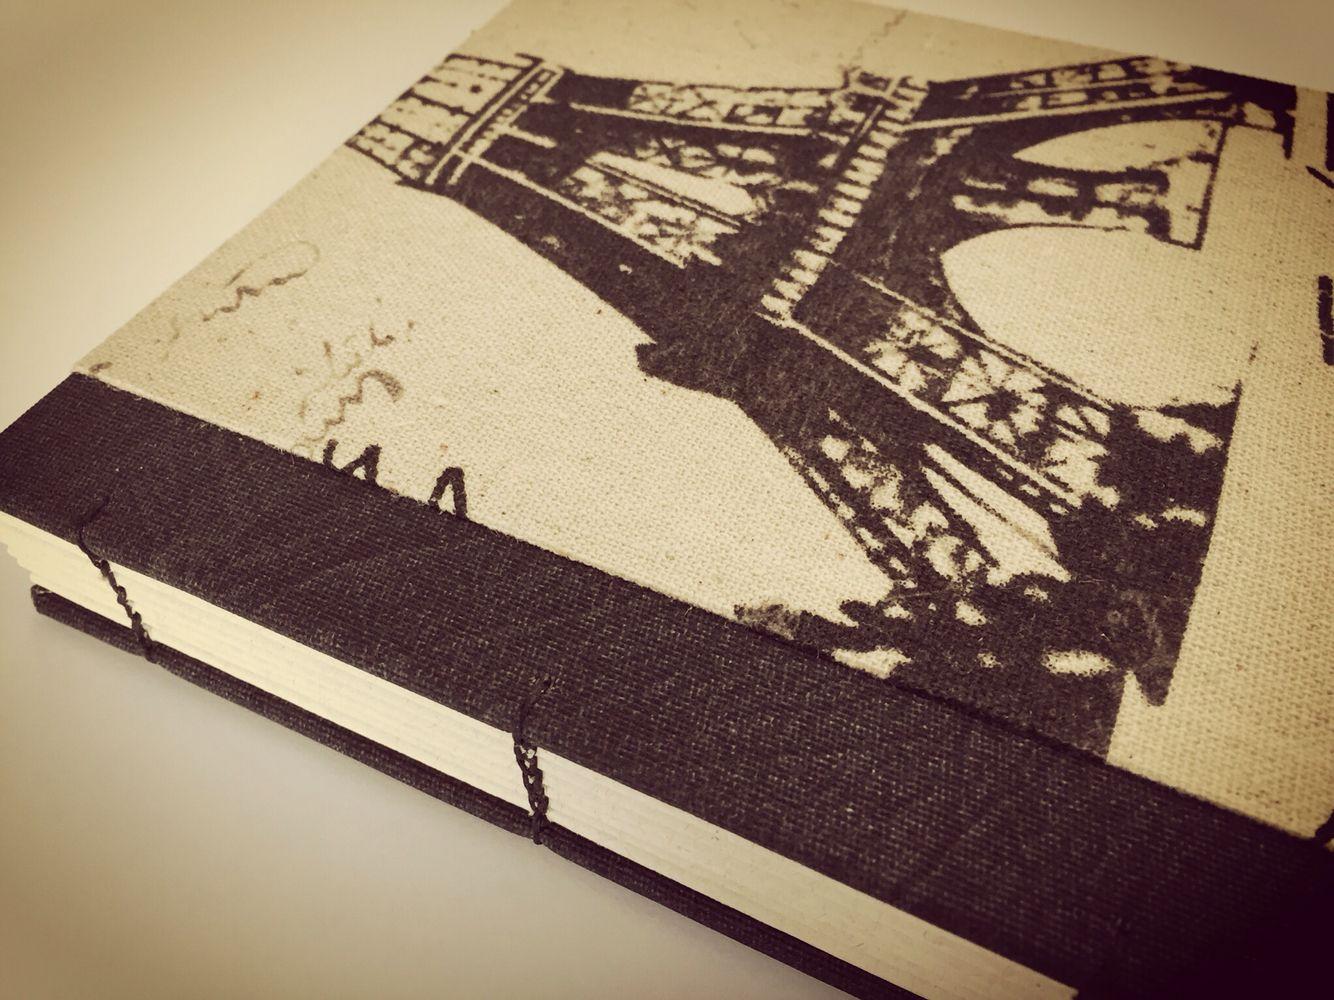 Caderno com aquele tema que a gente ama!!!  #presentepersonalizado #bookbinding #linen #linho #encadernação #paris #eiffeltower